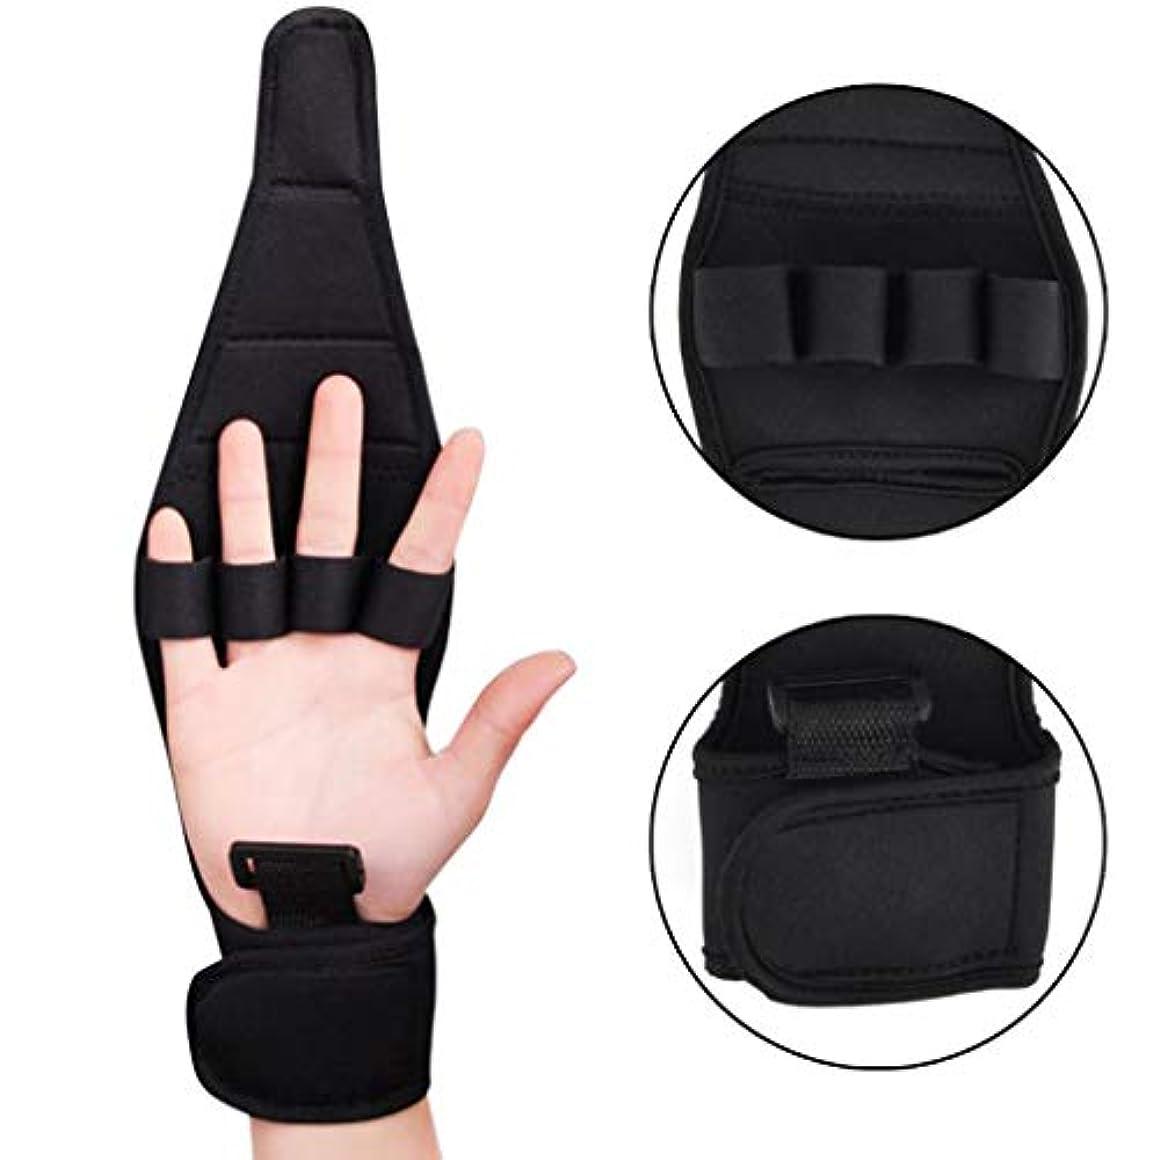 サーマル堂々たる無一文指の分離器 - 年配の片麻痺の指のリハビリテーションの訓練のために適した回復添え木の共同苦痛の訂正者,1pcs